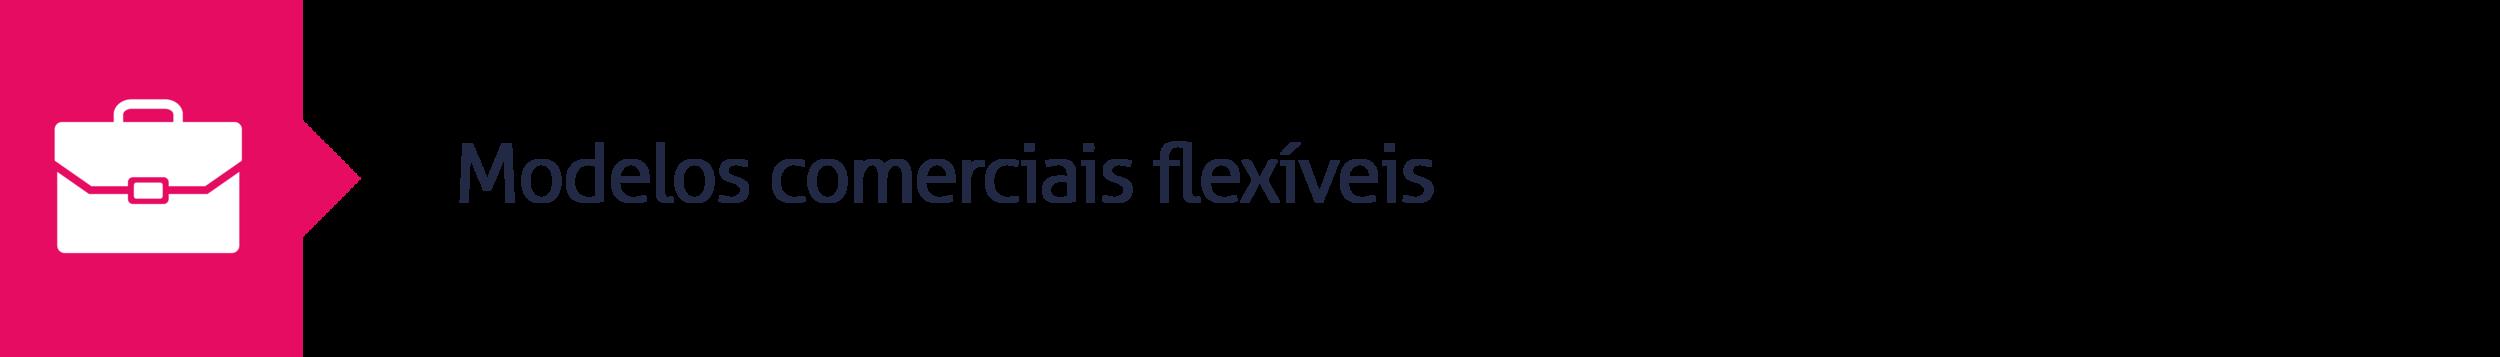 10.Modelos comerciais flexíveis